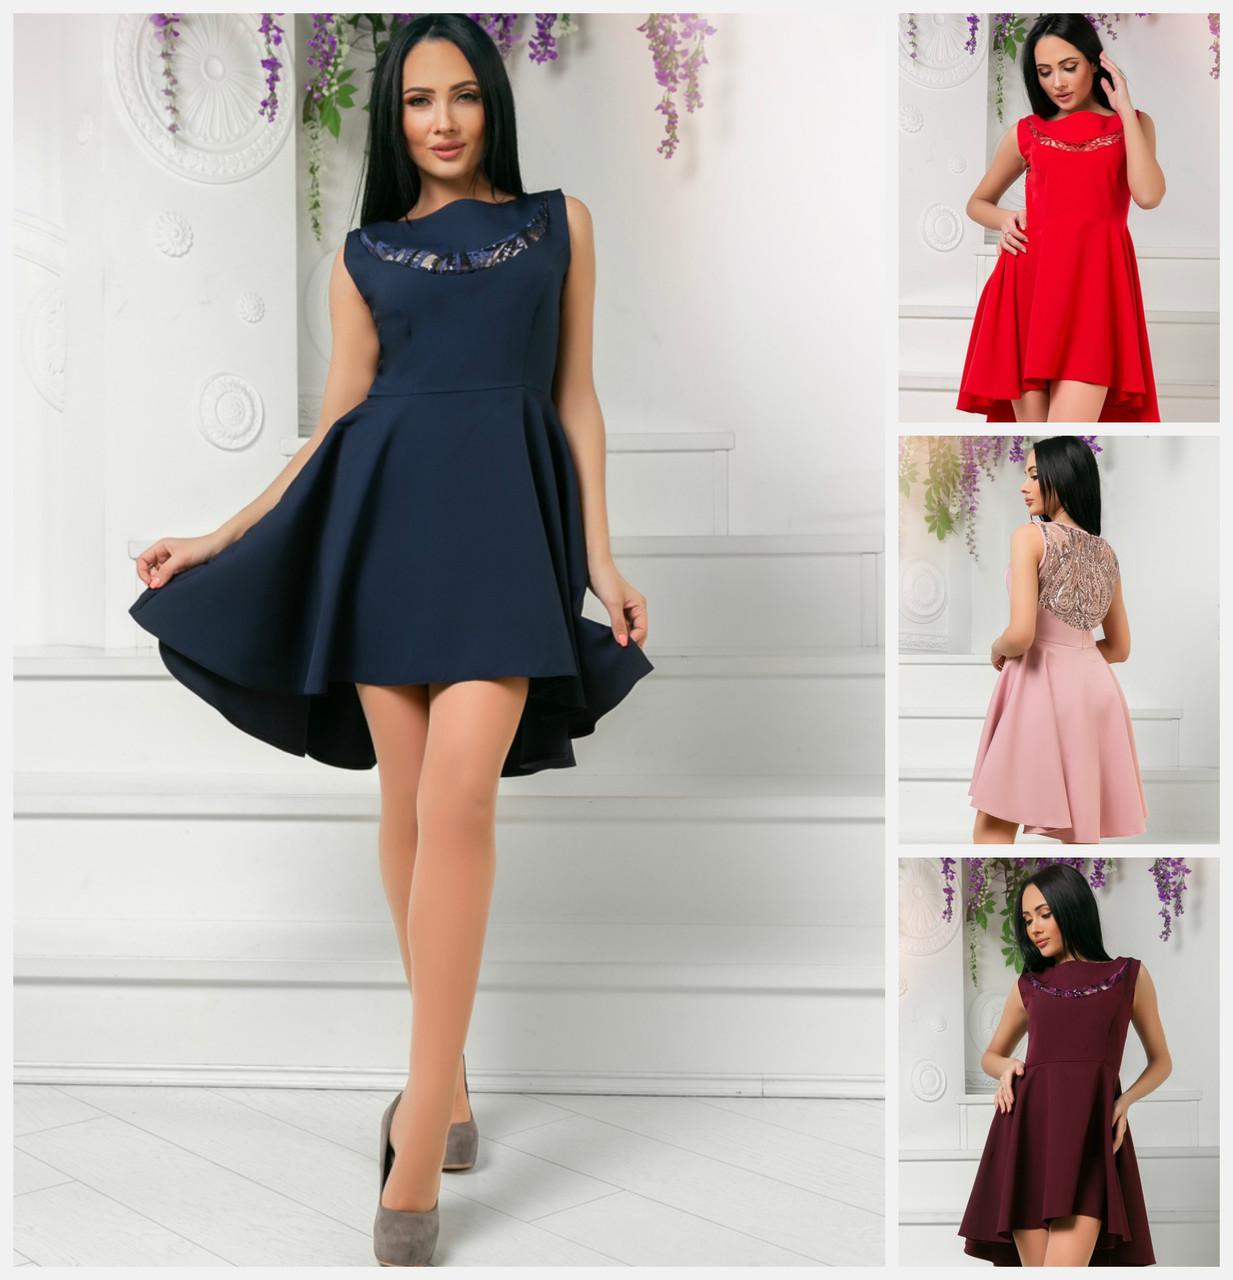 d827d91982f Платье удлиненное сзади с кружевом 18895  продажа